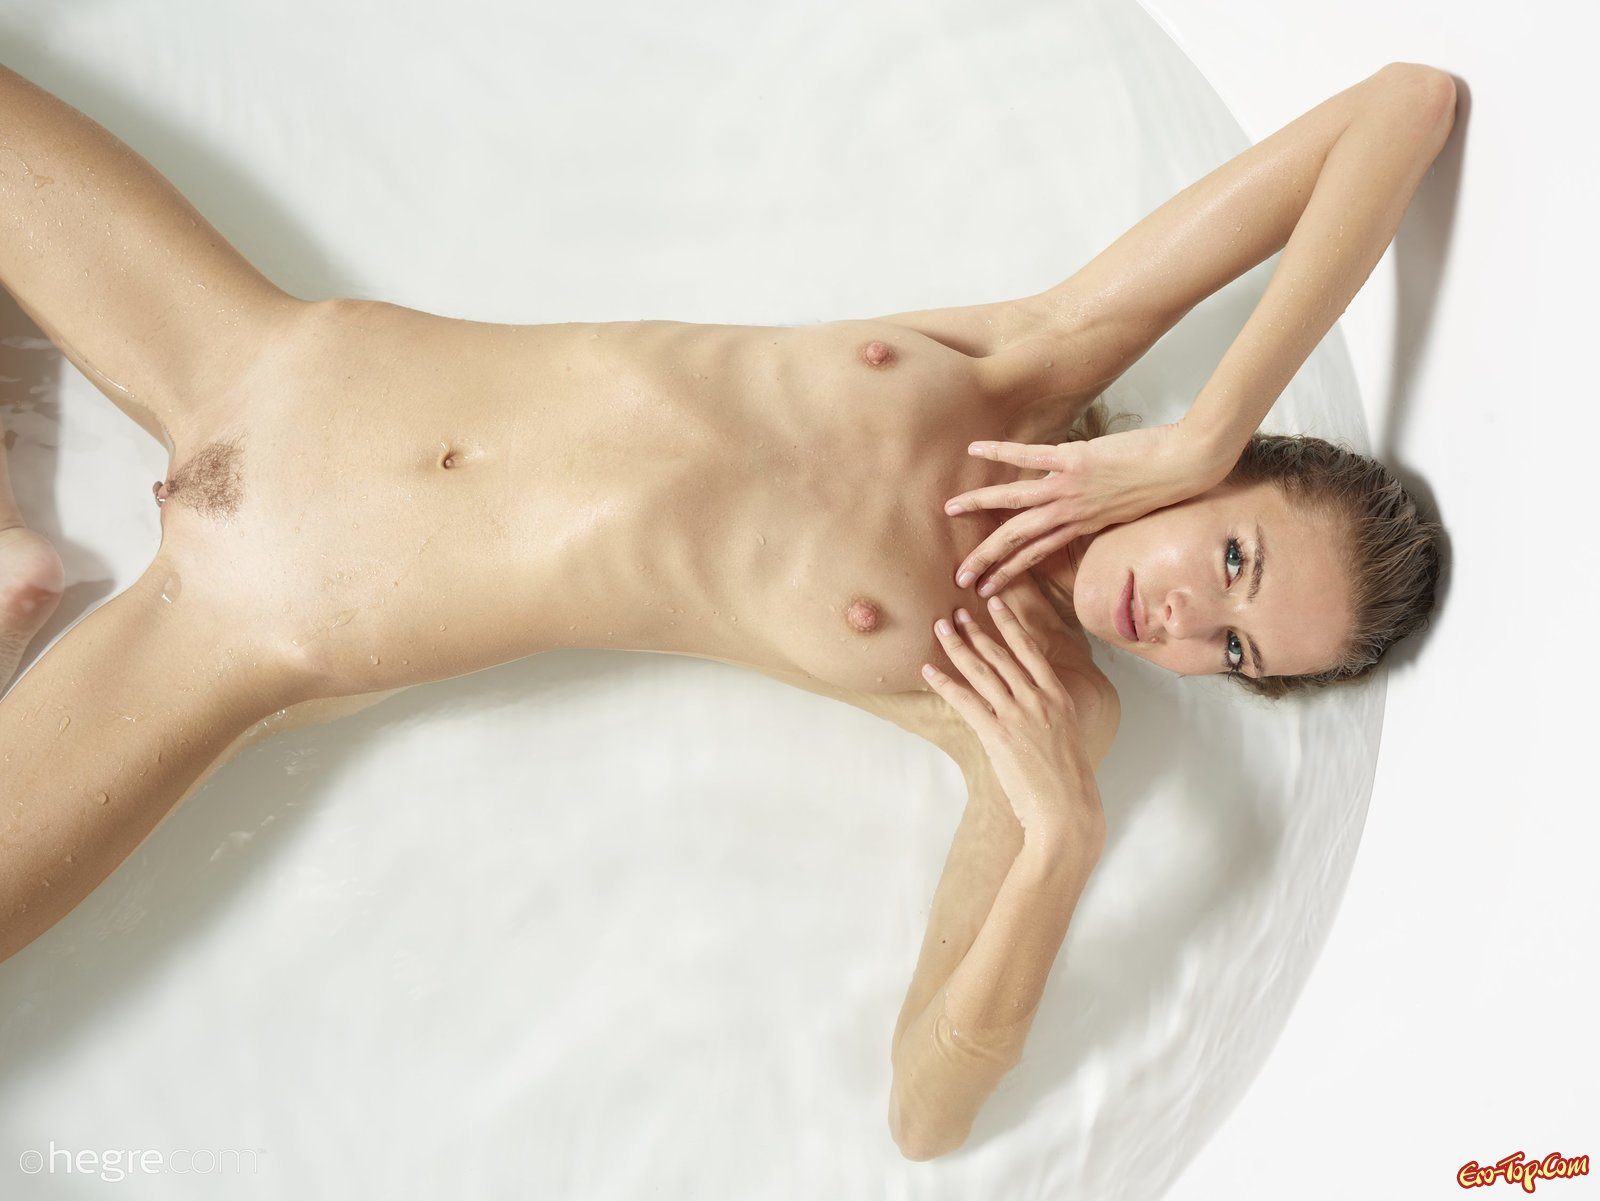 Худышка с плоской грудью нежится под душем